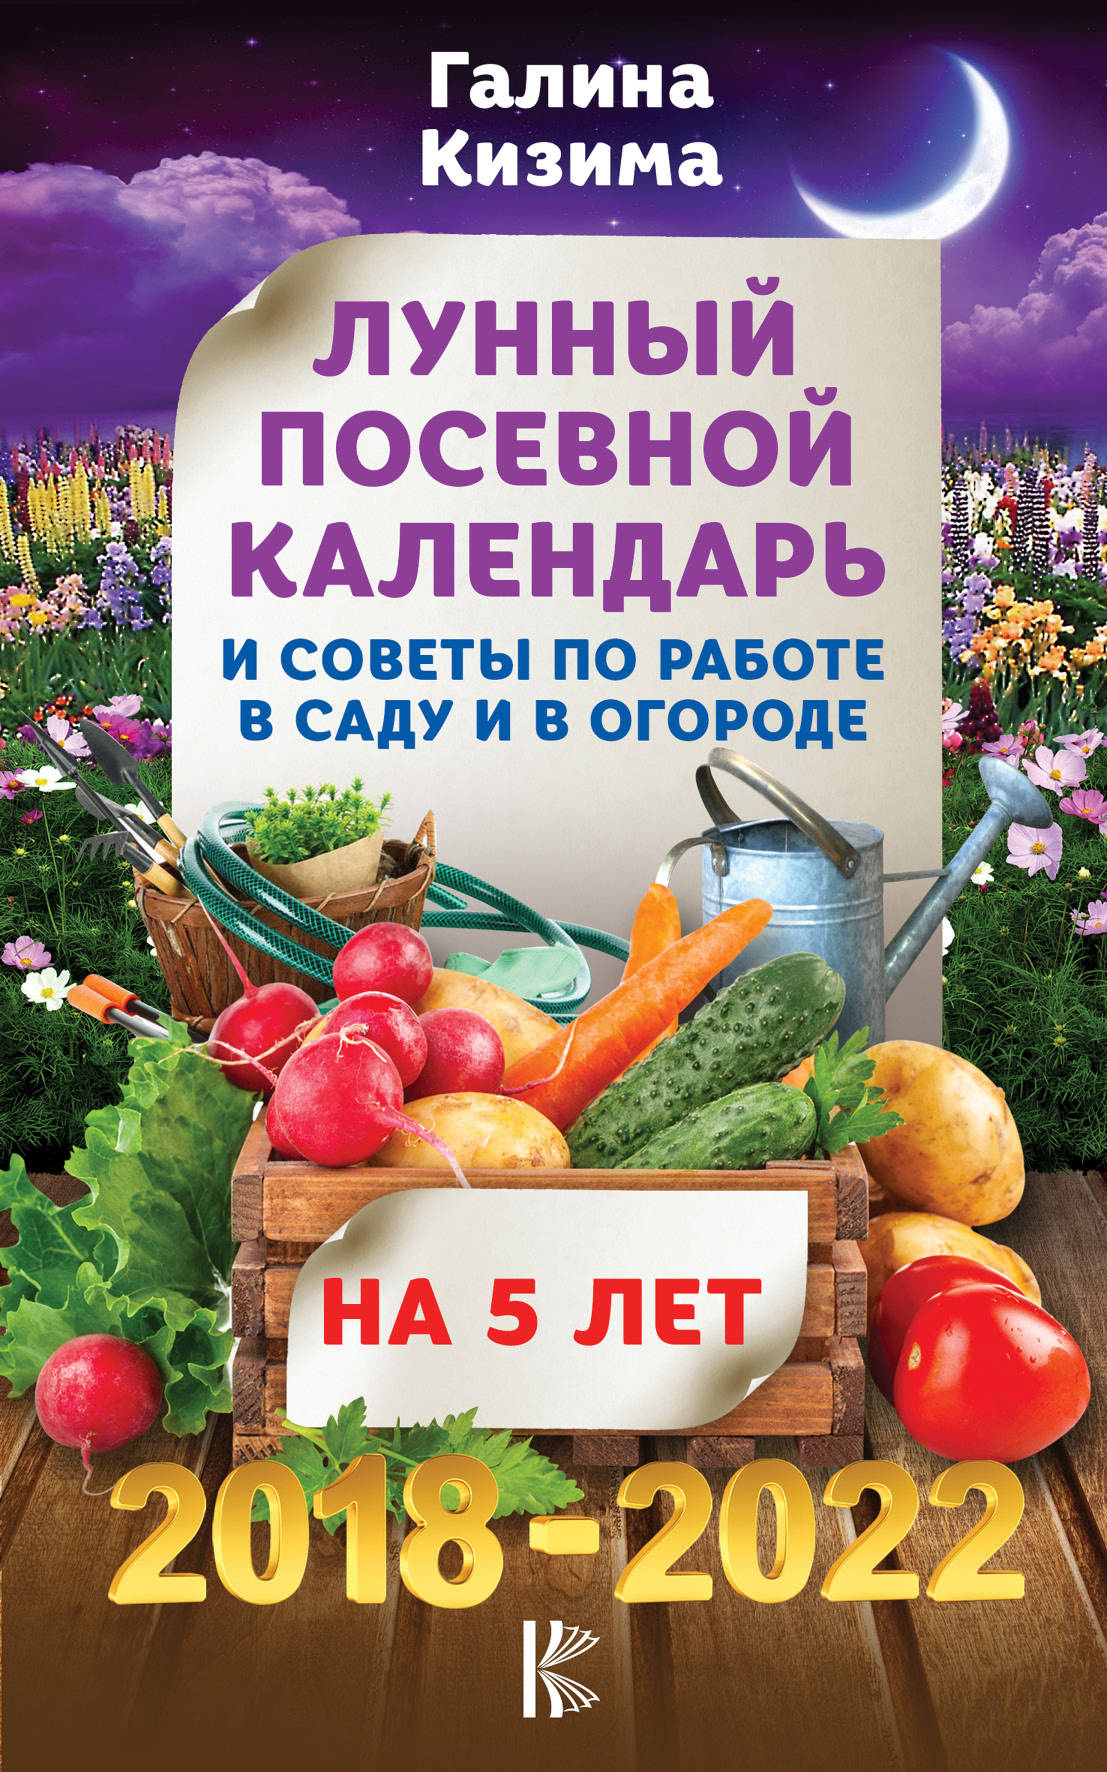 Лунный посевной календарь и советы по работе в саду и огороде на 5 лет вперед 2018-2022 гг. ( Кизима Г.А.  )